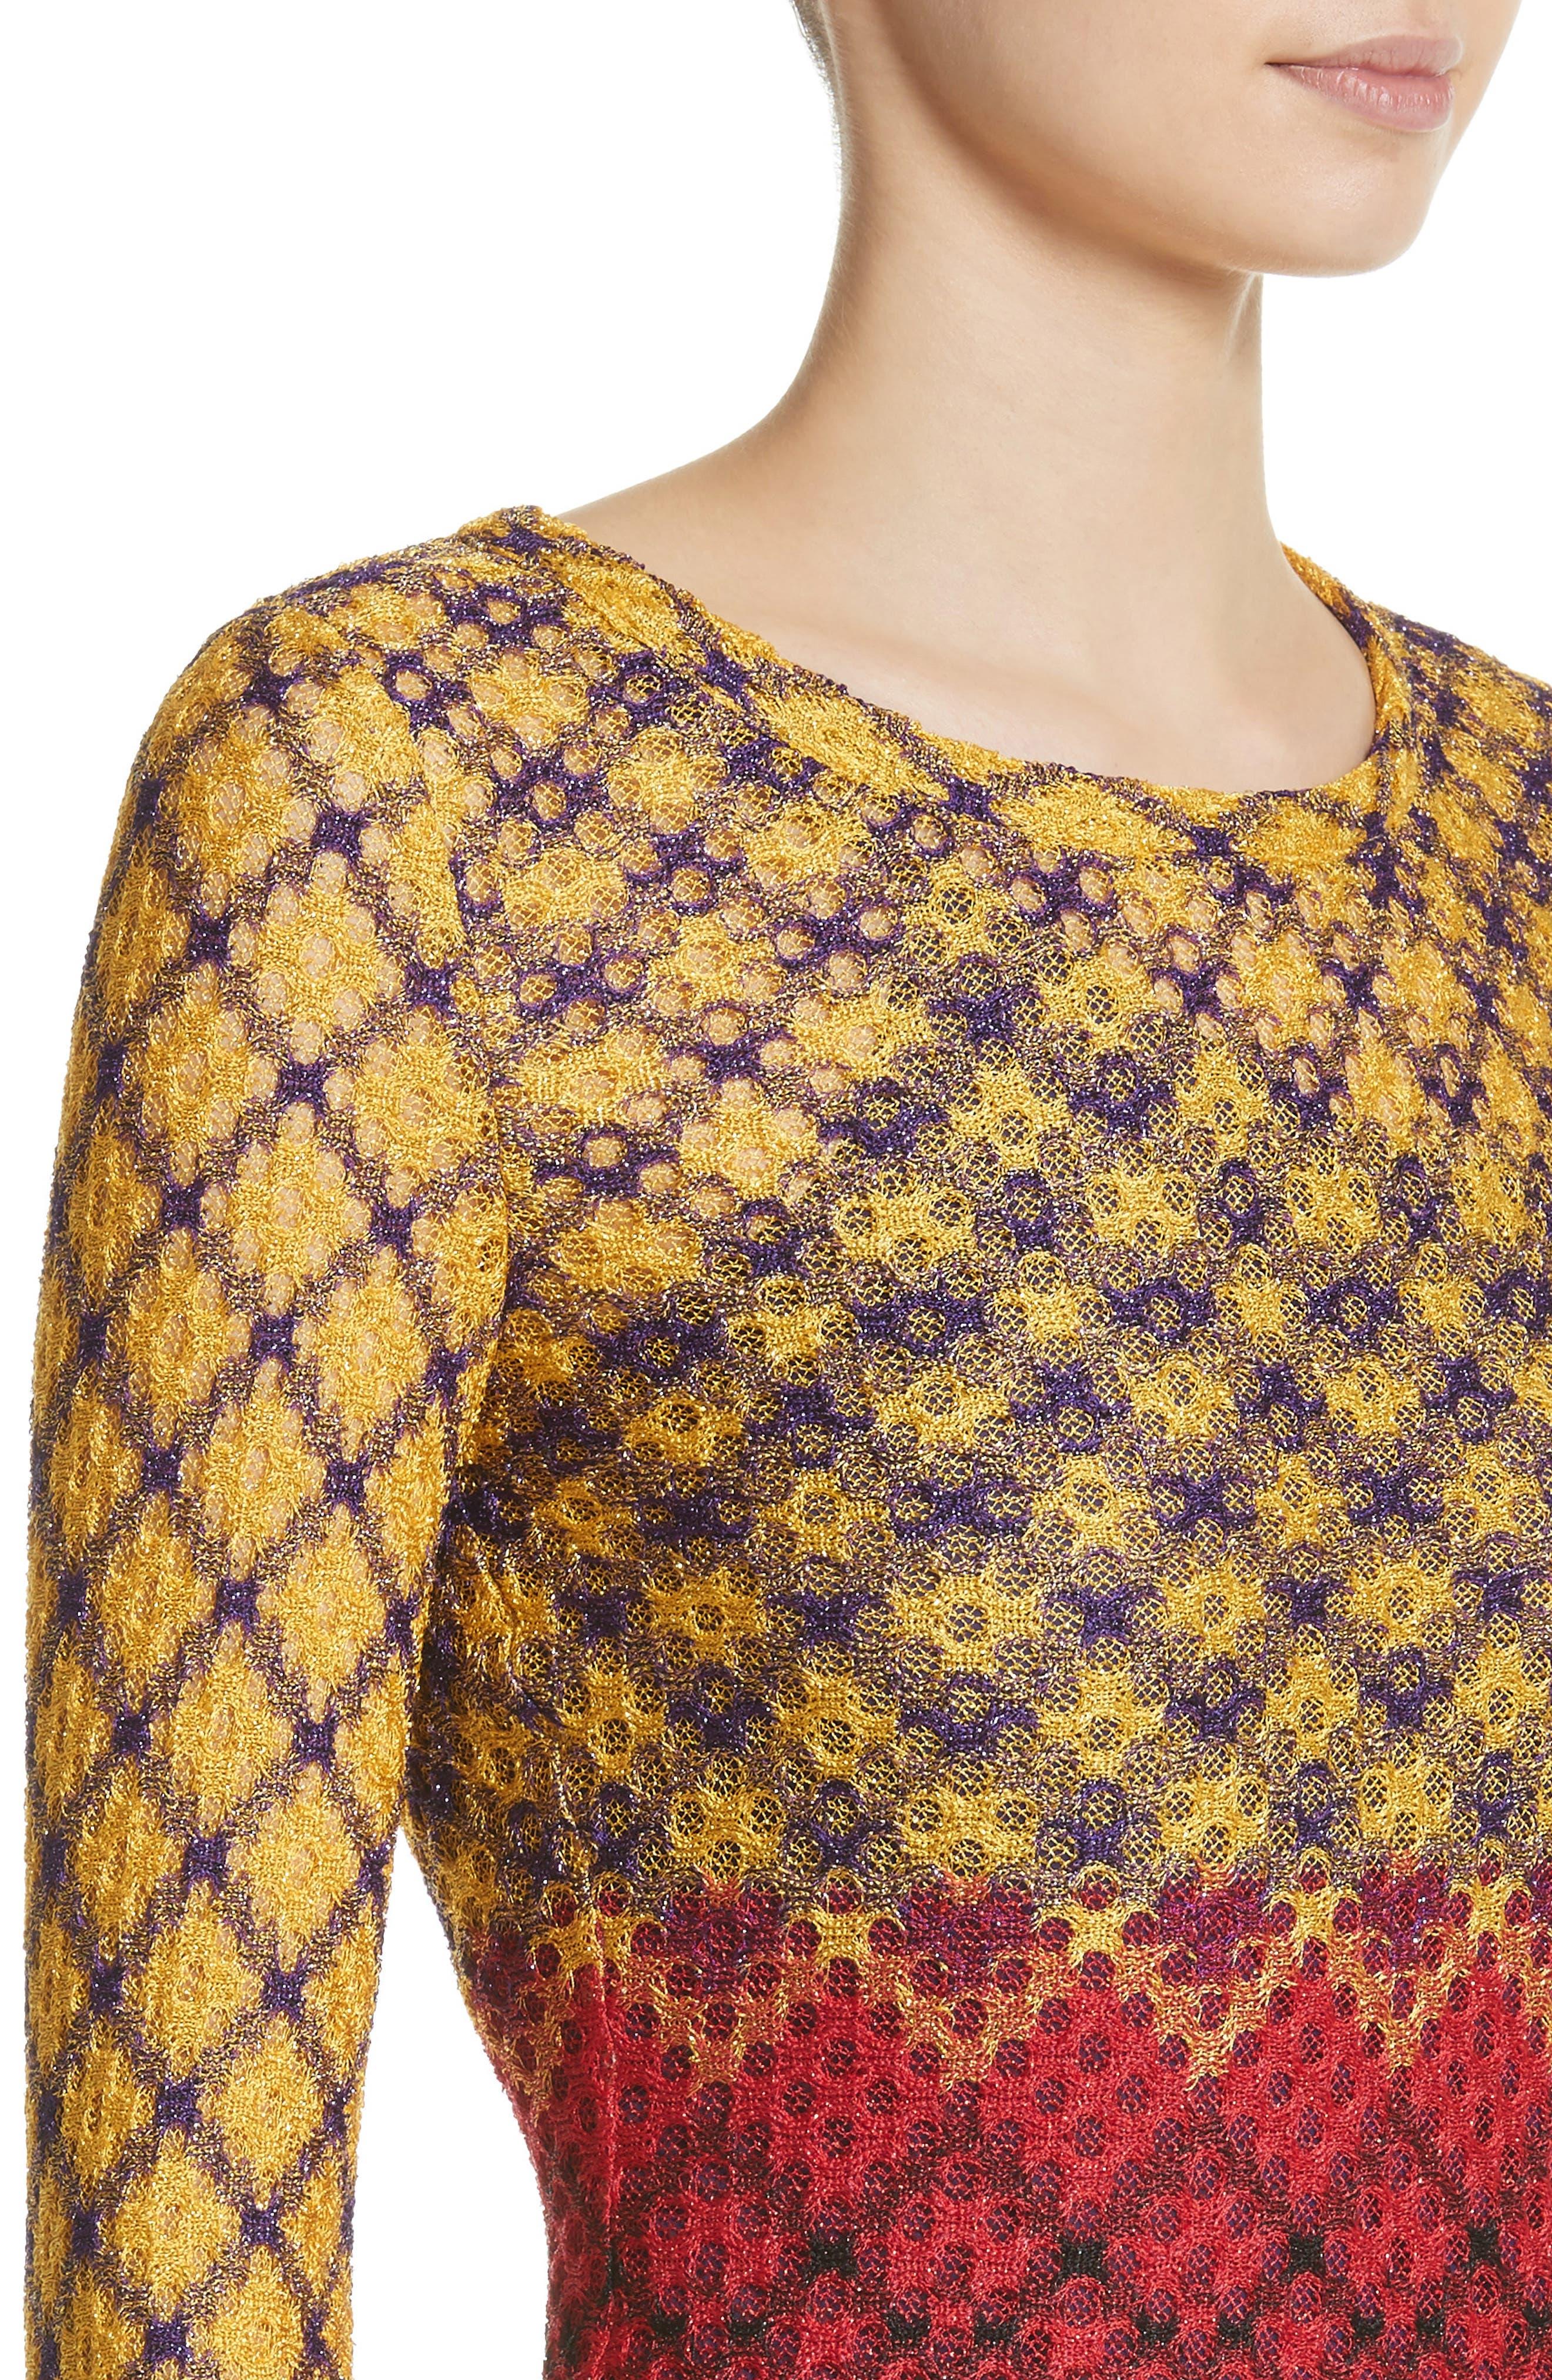 Metallic Knit Maxi Dress,                             Alternate thumbnail 4, color,                             Multi